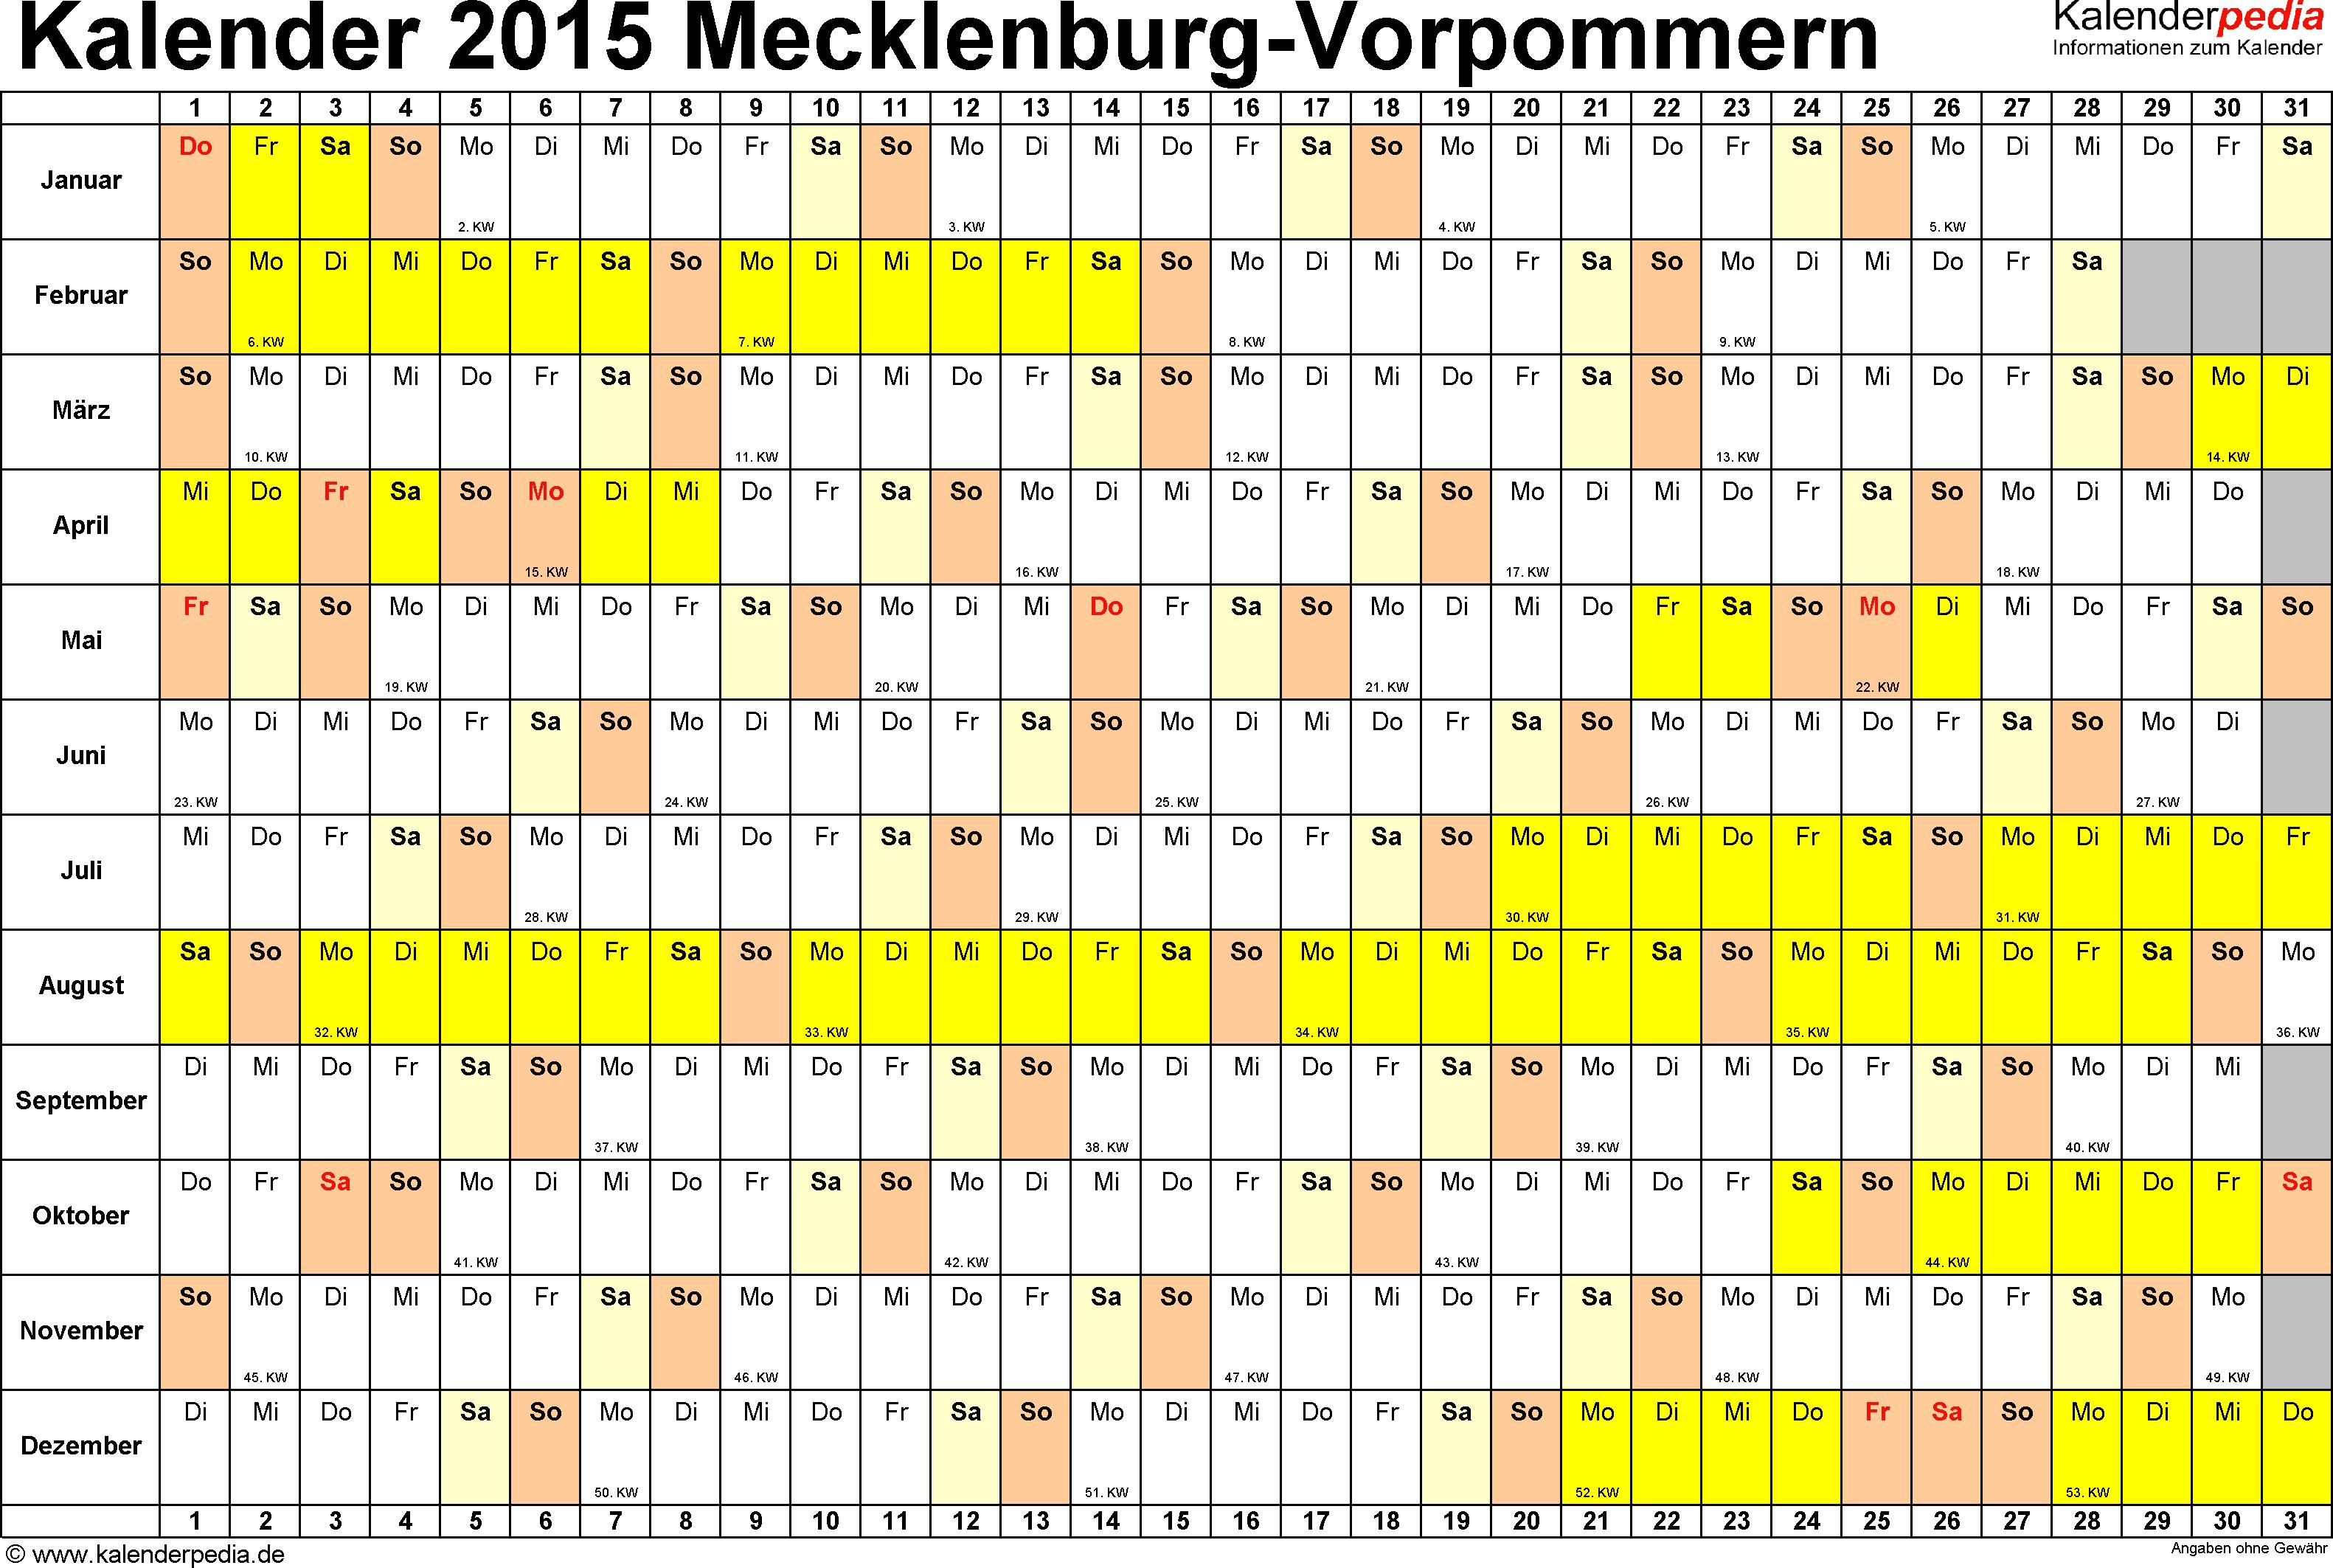 Vorlage 2: Kalender Mecklenburg-Vorpommern 2015 im Querformat, Tage nebeneinander